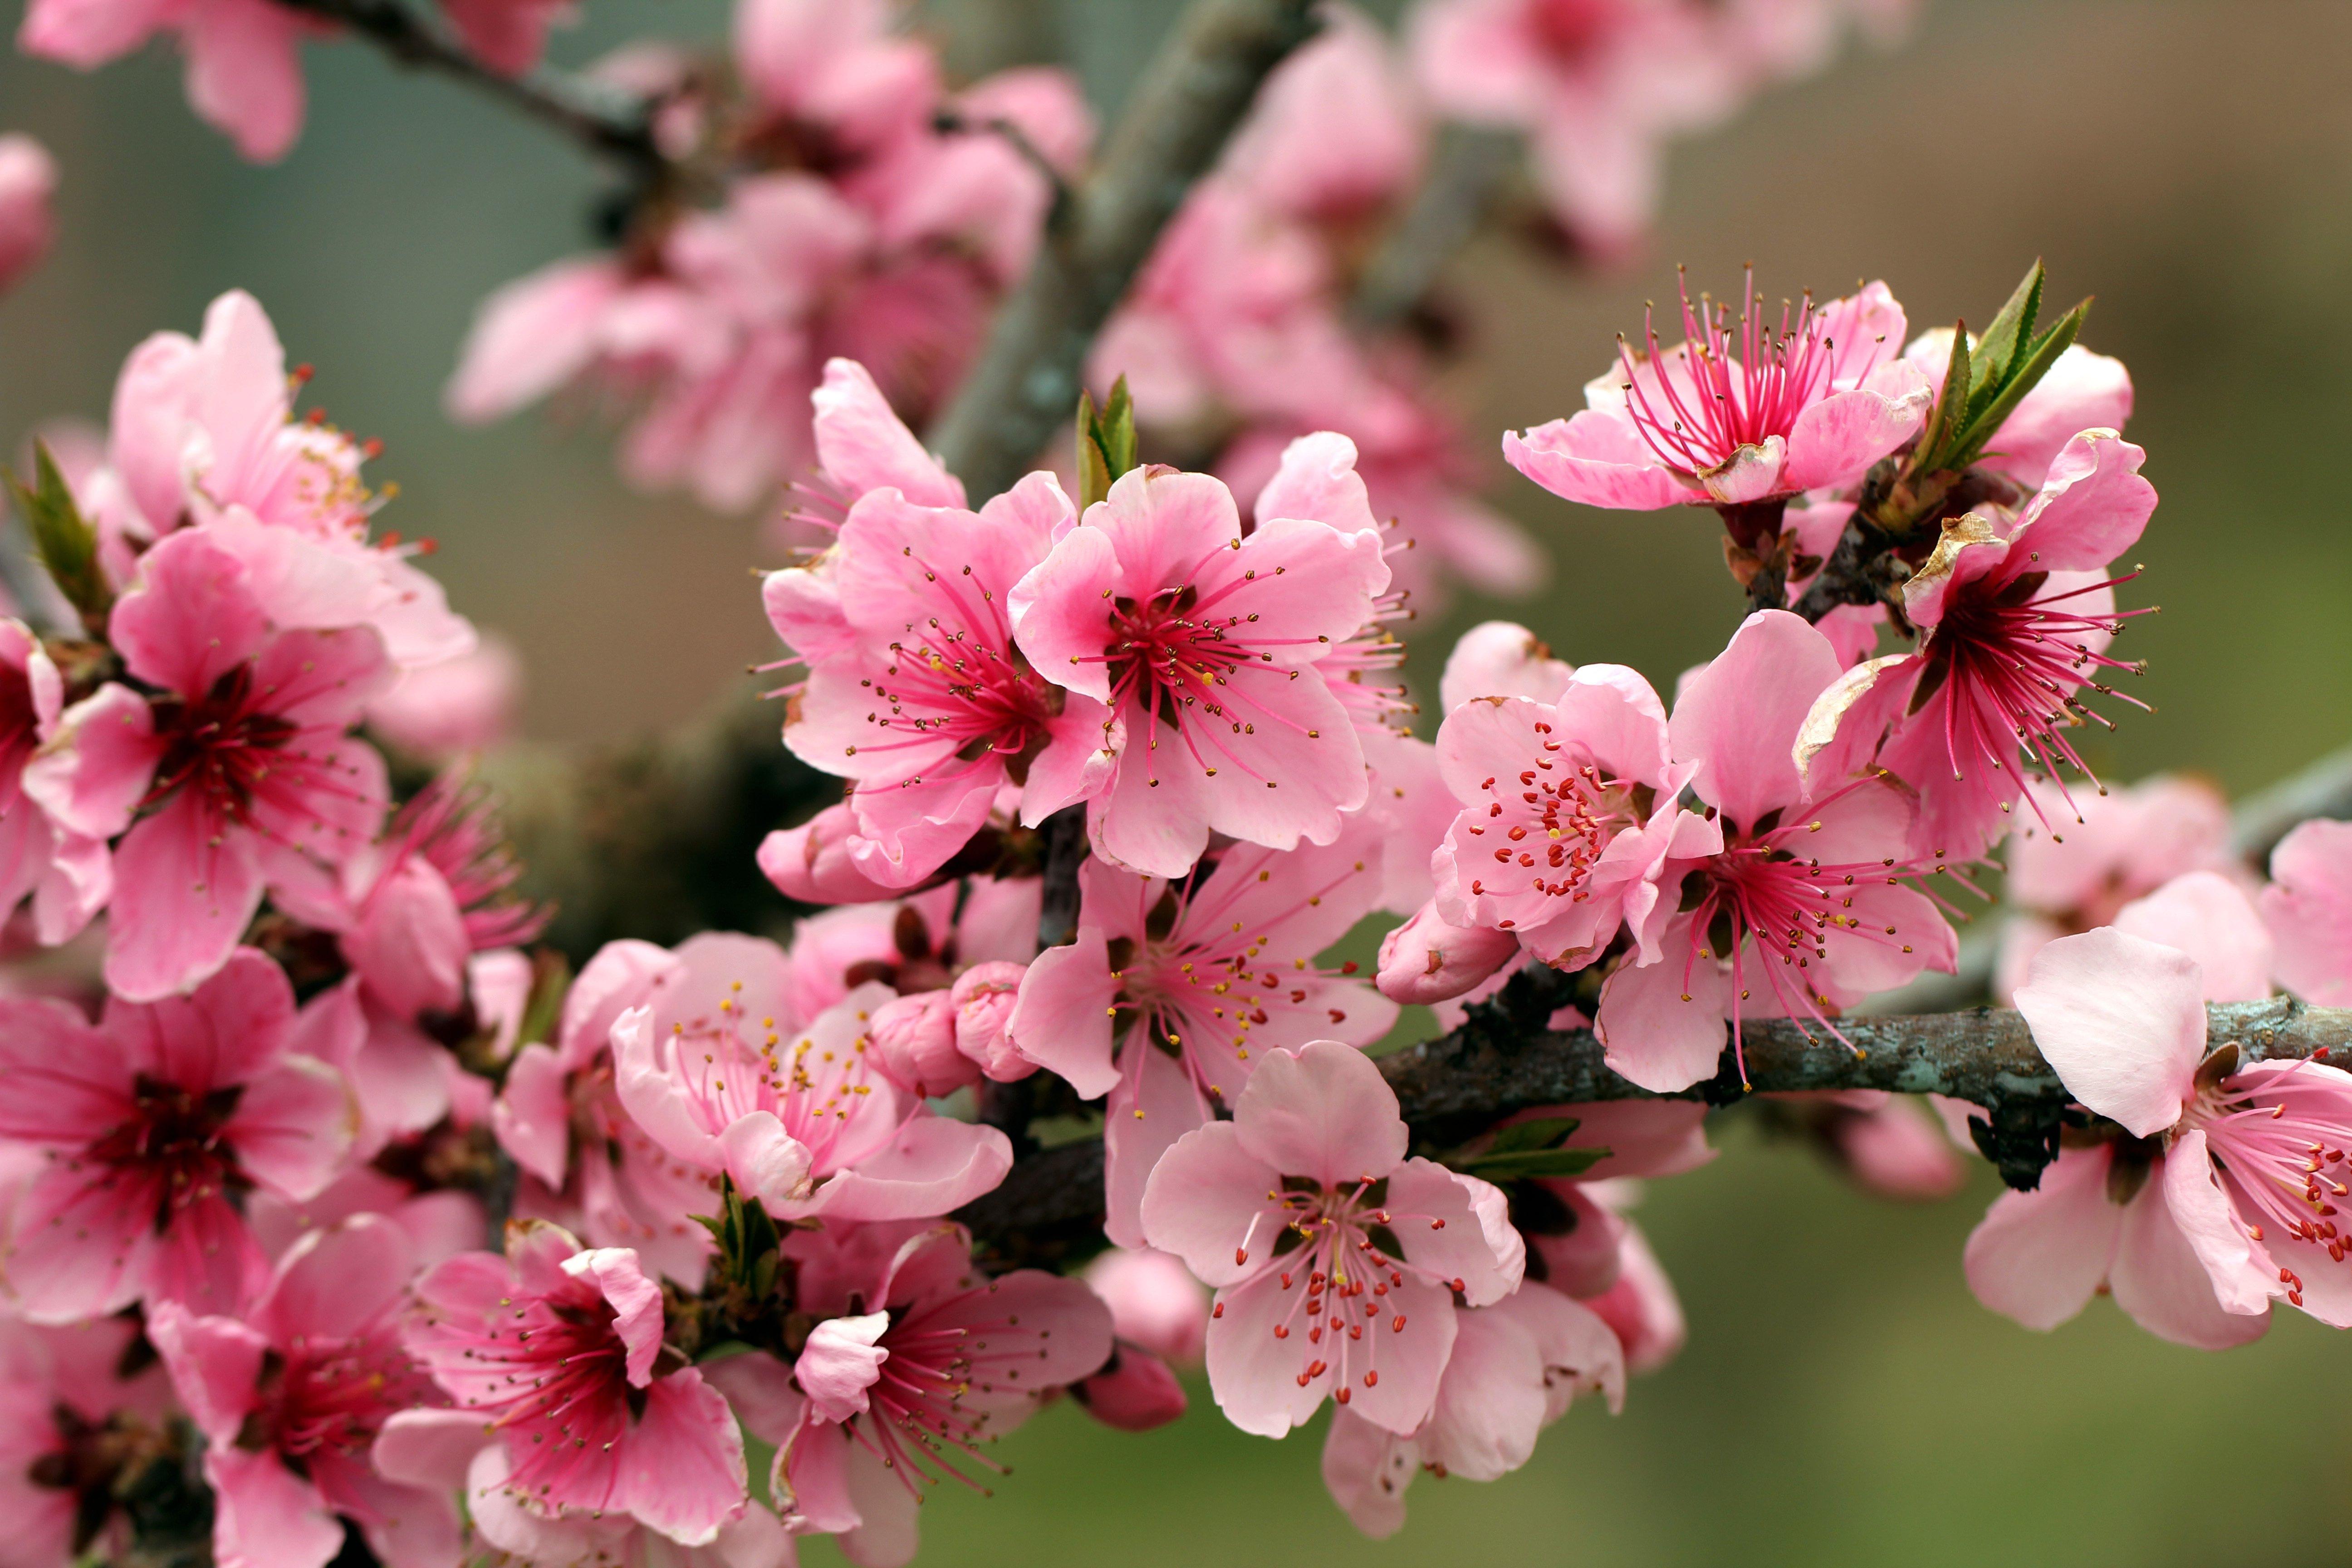 [44+] Pink Spring Flower Wallpaper on WallpaperSafari